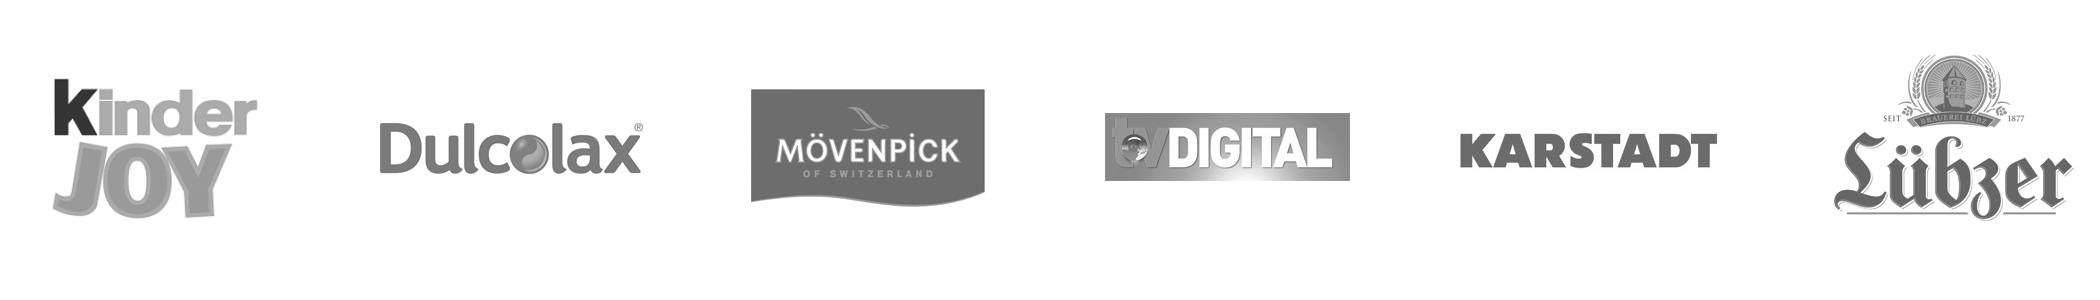 2100x300_customer-logo1